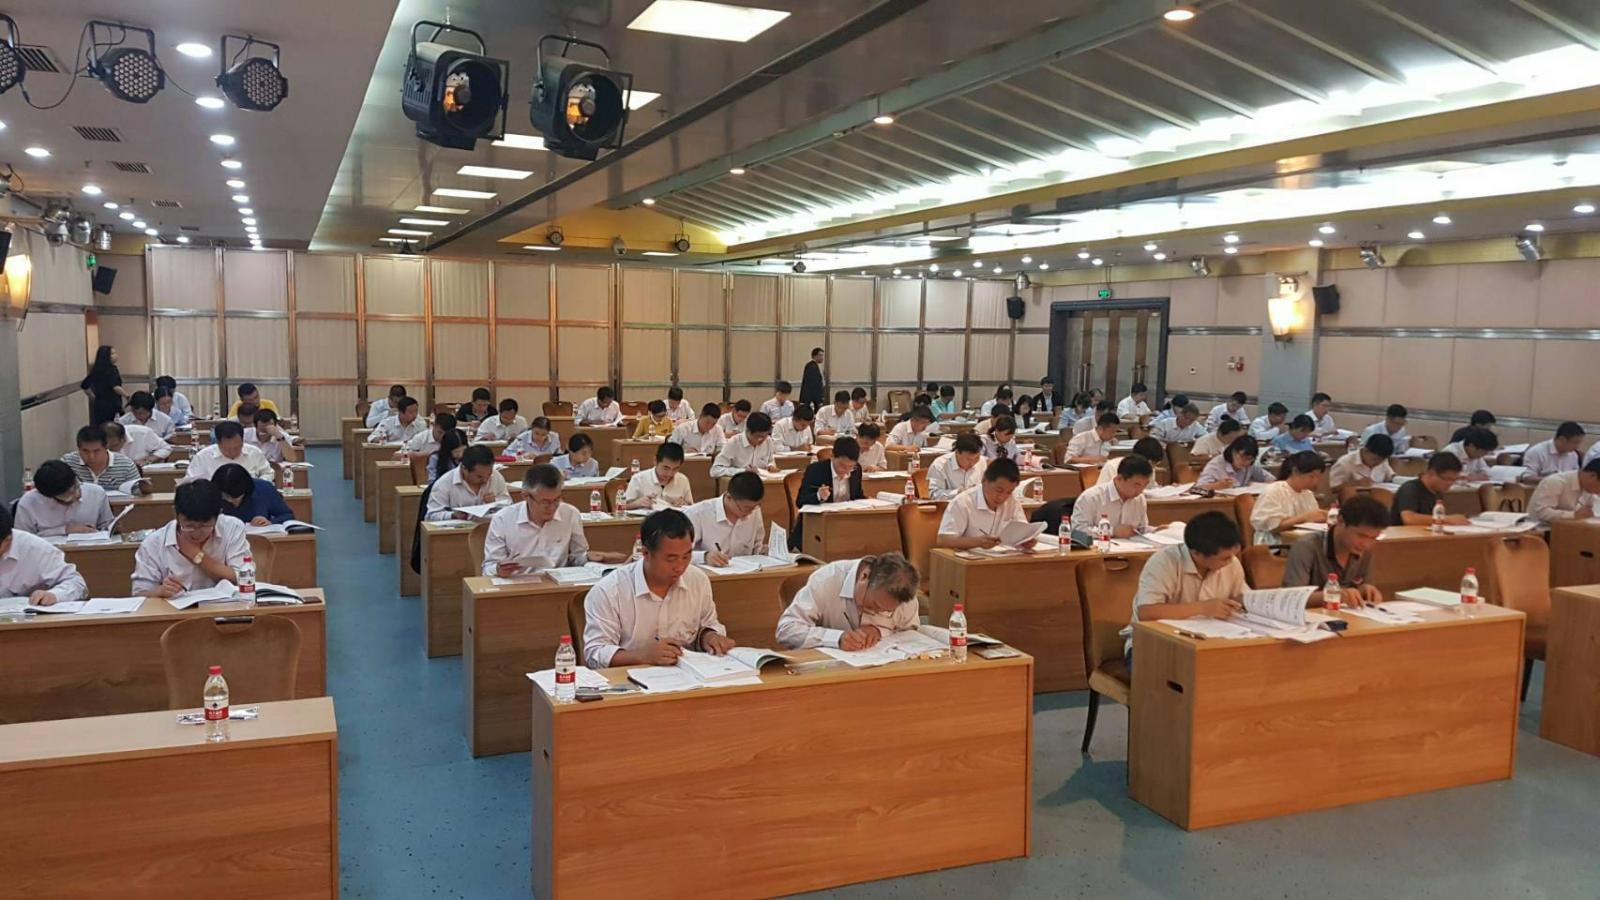 รมว.คมนาคมเยี่ยมชมการฝึกอบรม-ทดสอบวิศวกรจีน